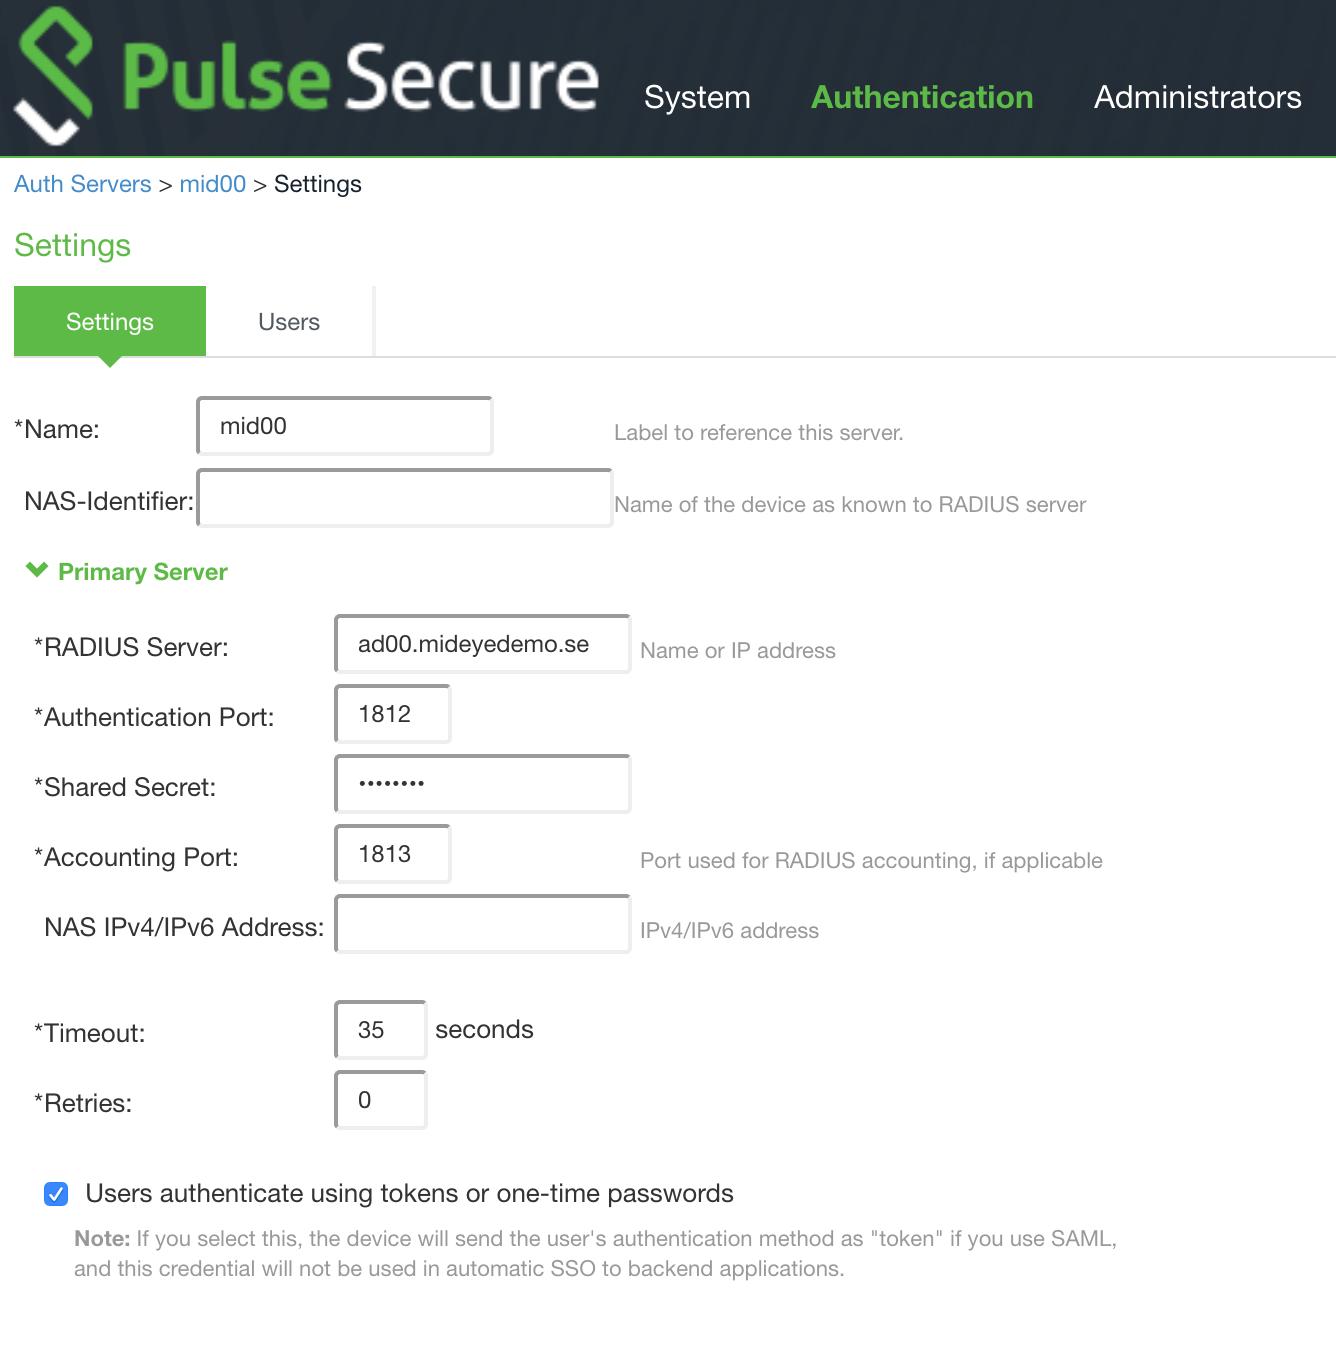 Configuration of RADIUS server